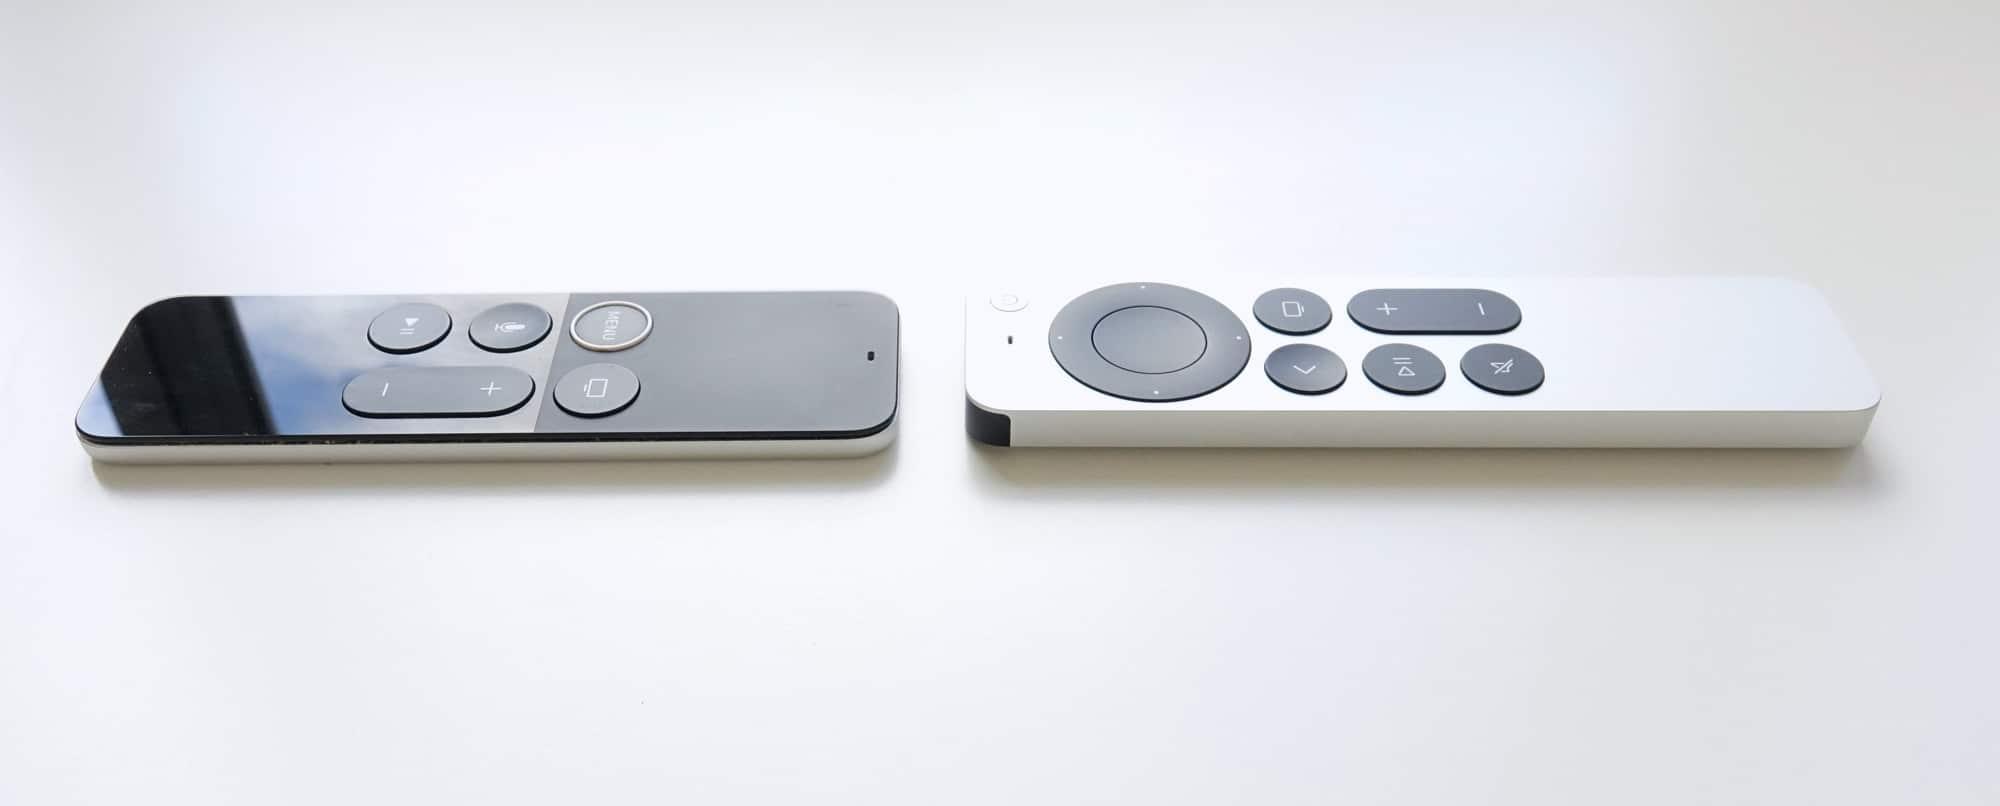 2017 Apple TV 4K remote (left) vs 2021 Apple TV 4K remote